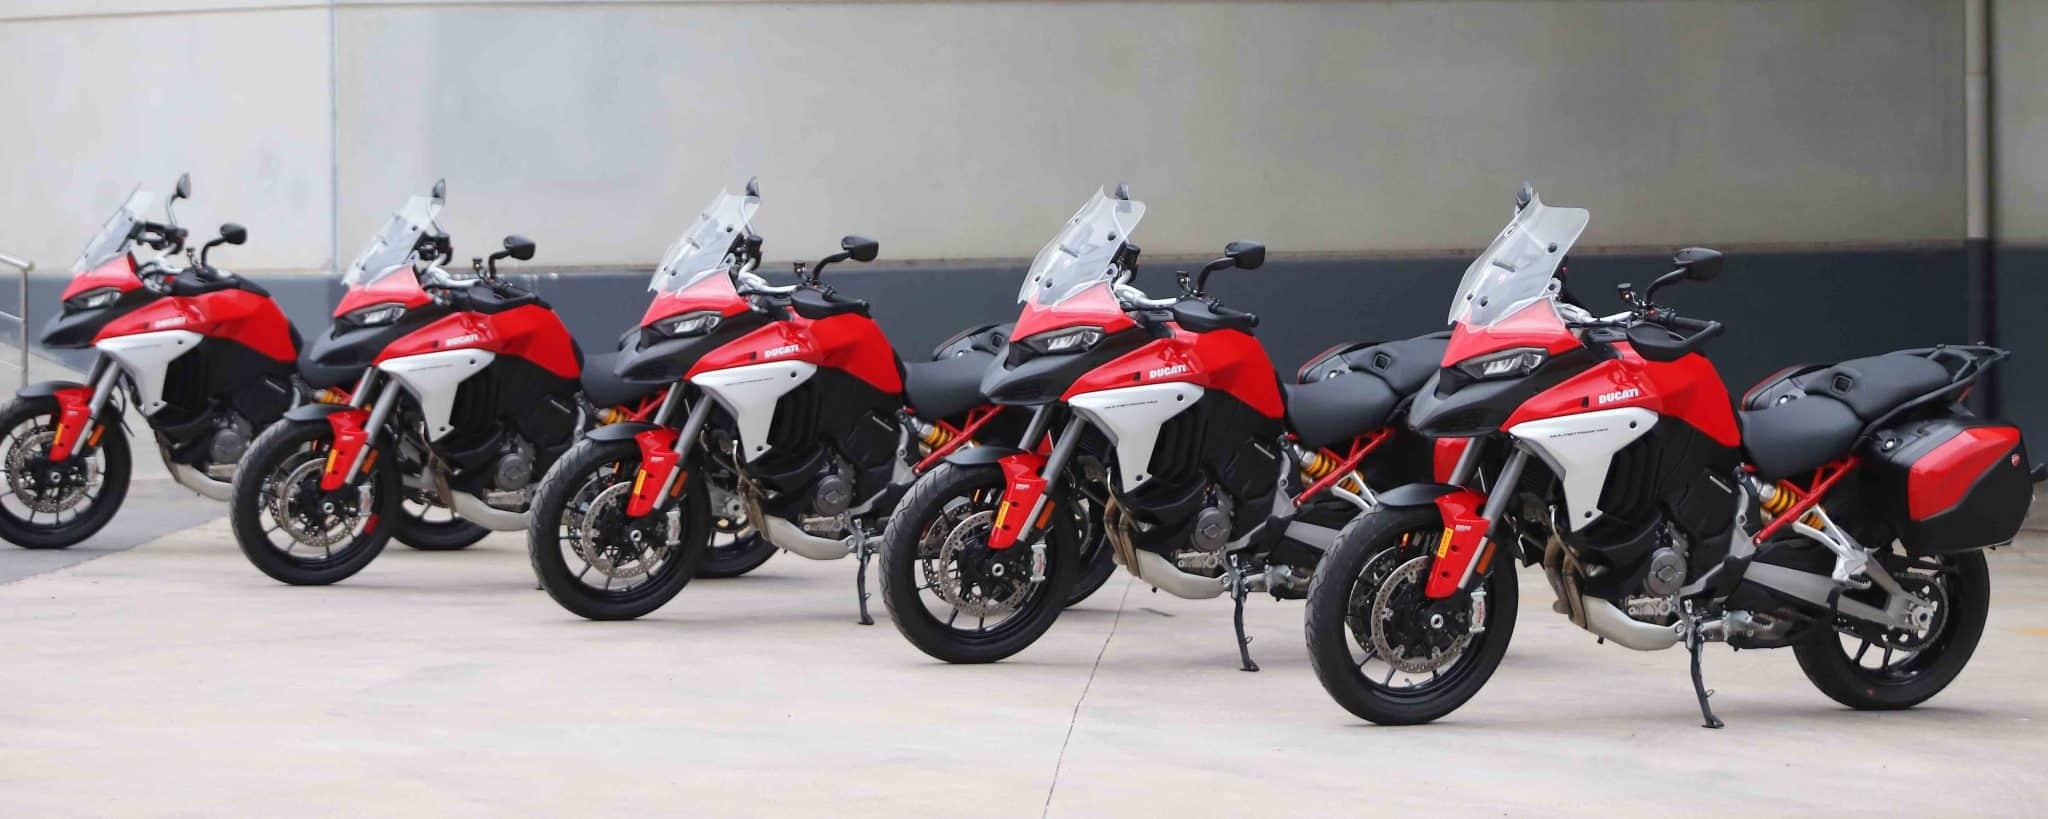 Prueba Ducati Multistrada V4: La Cuatro cilindros más Trail